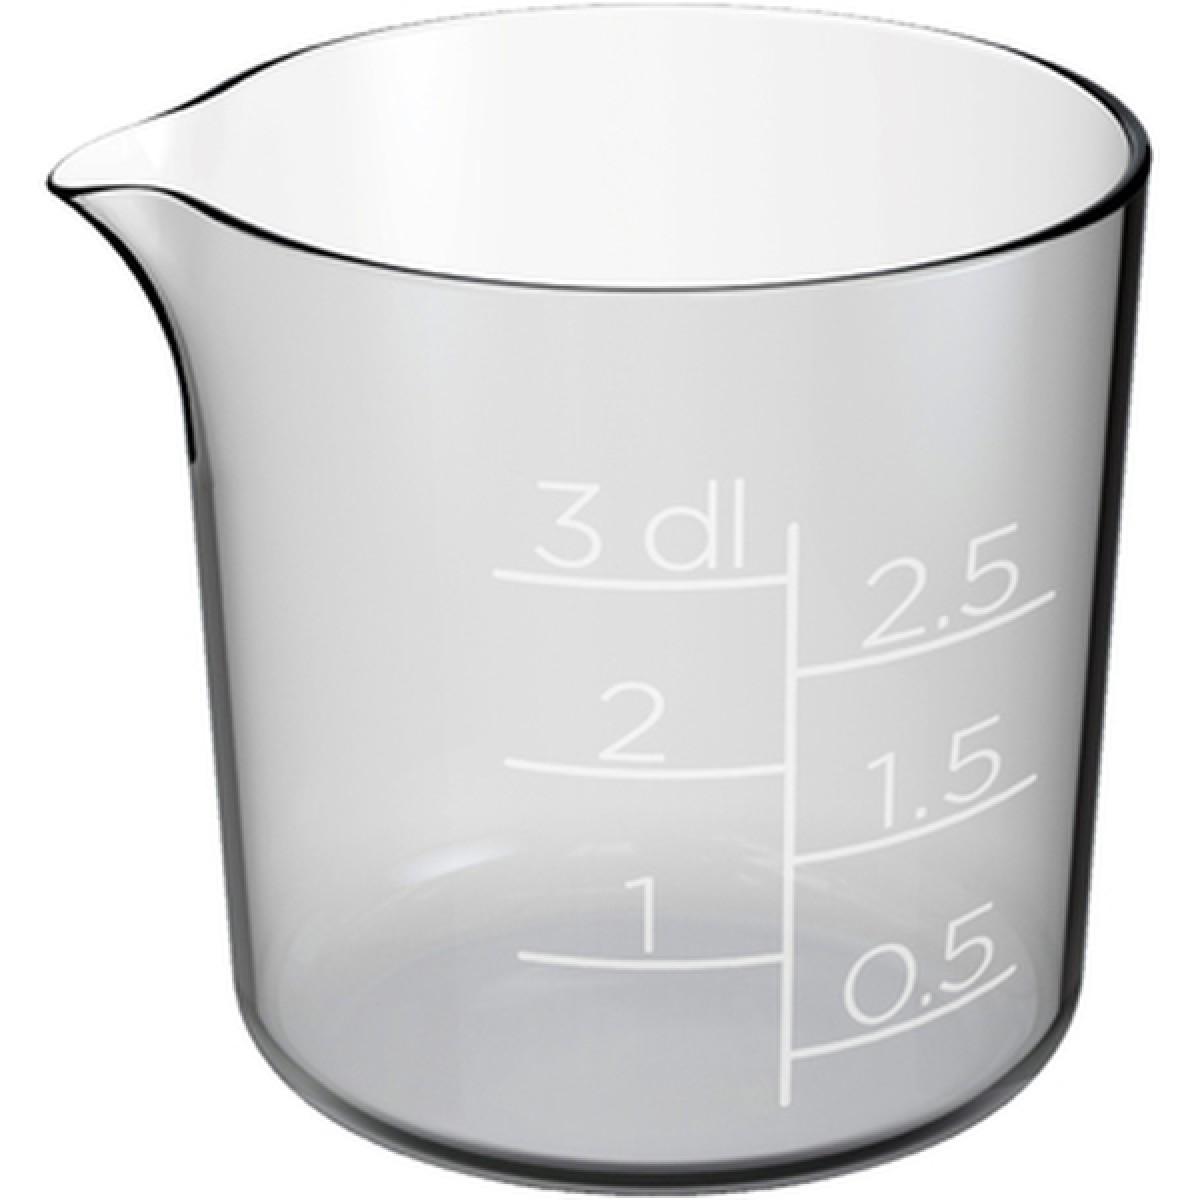 GASTROMAX målekande 0,3 ltr.